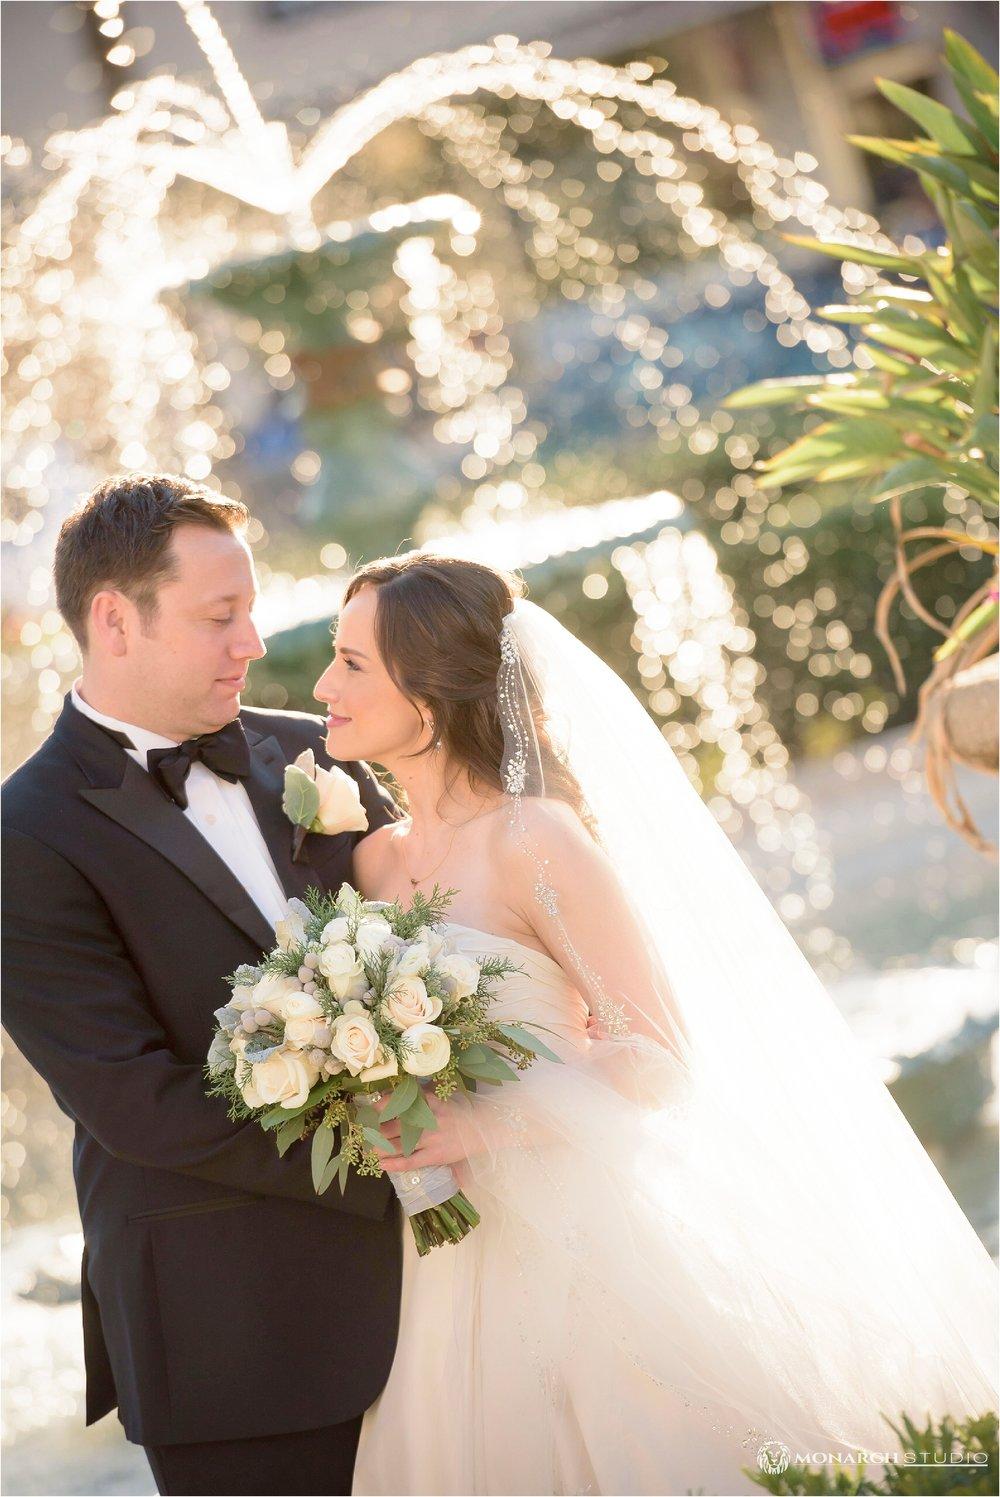 st-augustine-wedding-venue-treasury-on-the-plaza-019.jpg